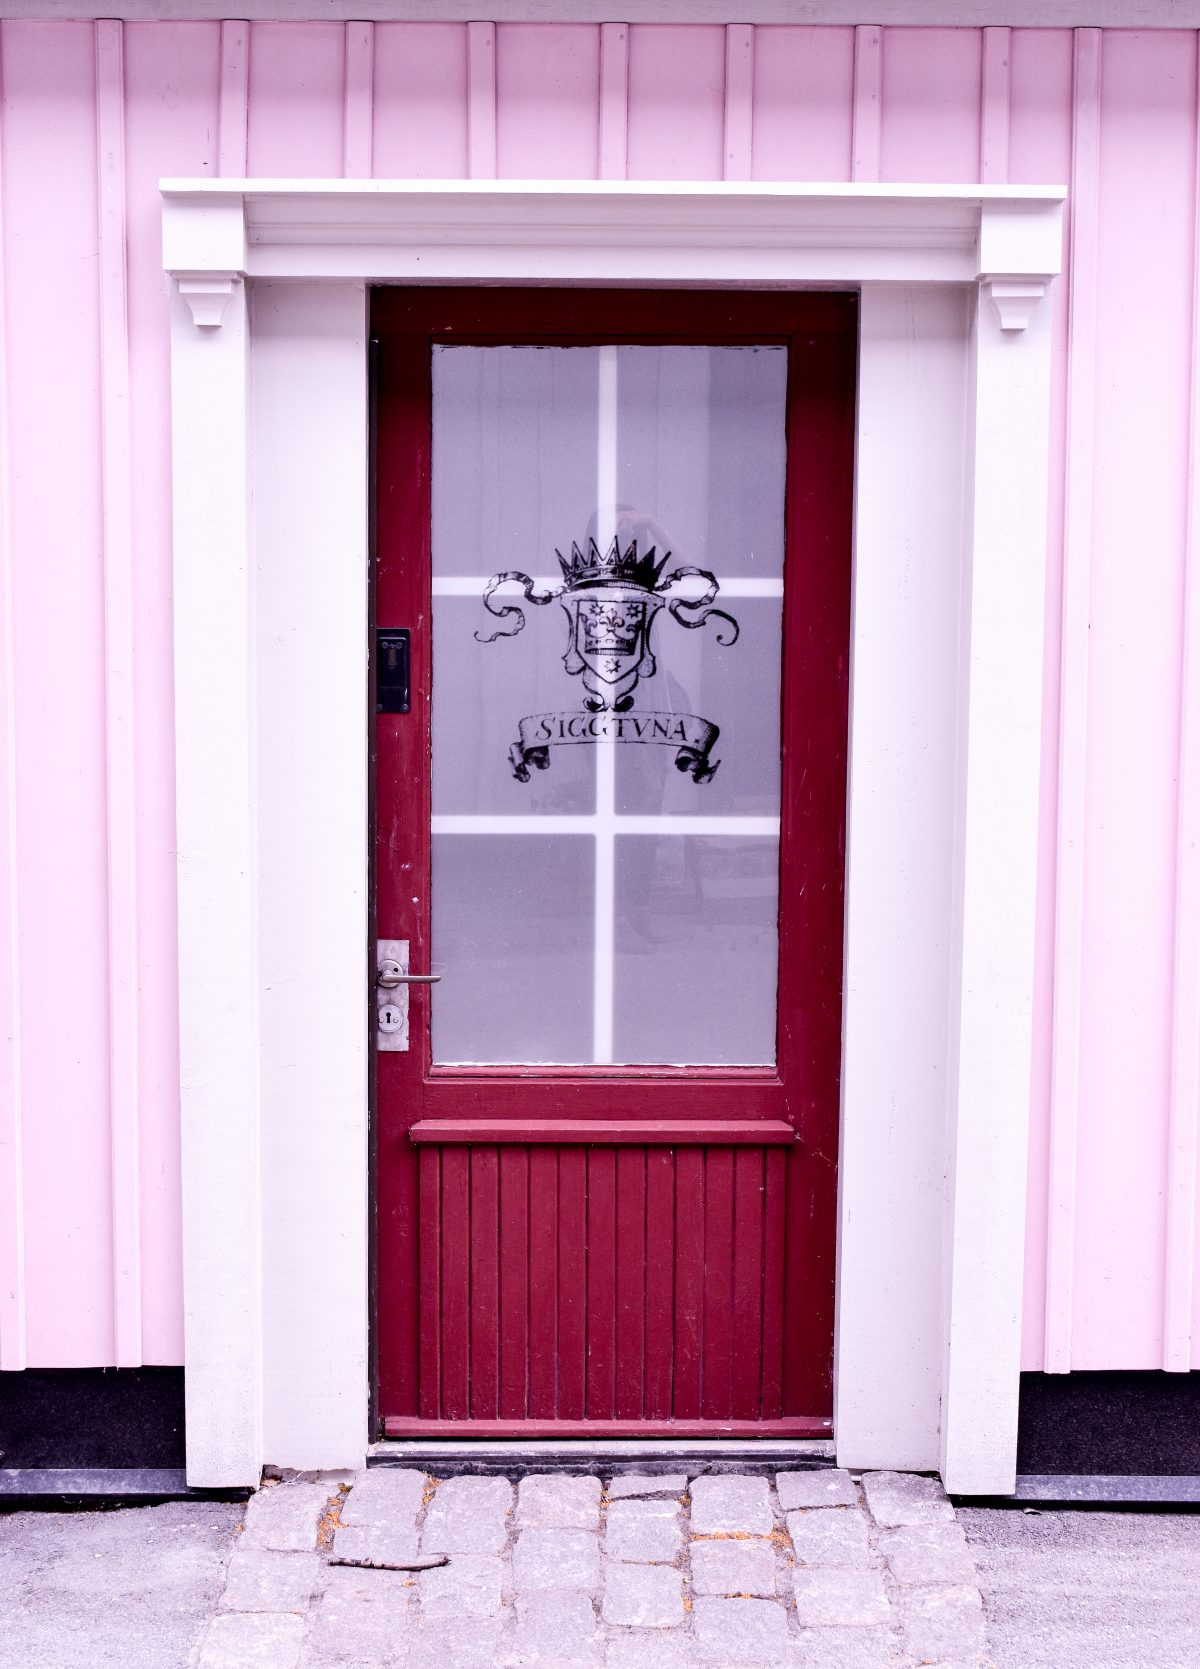 A pink door in Sigtuna Sweden